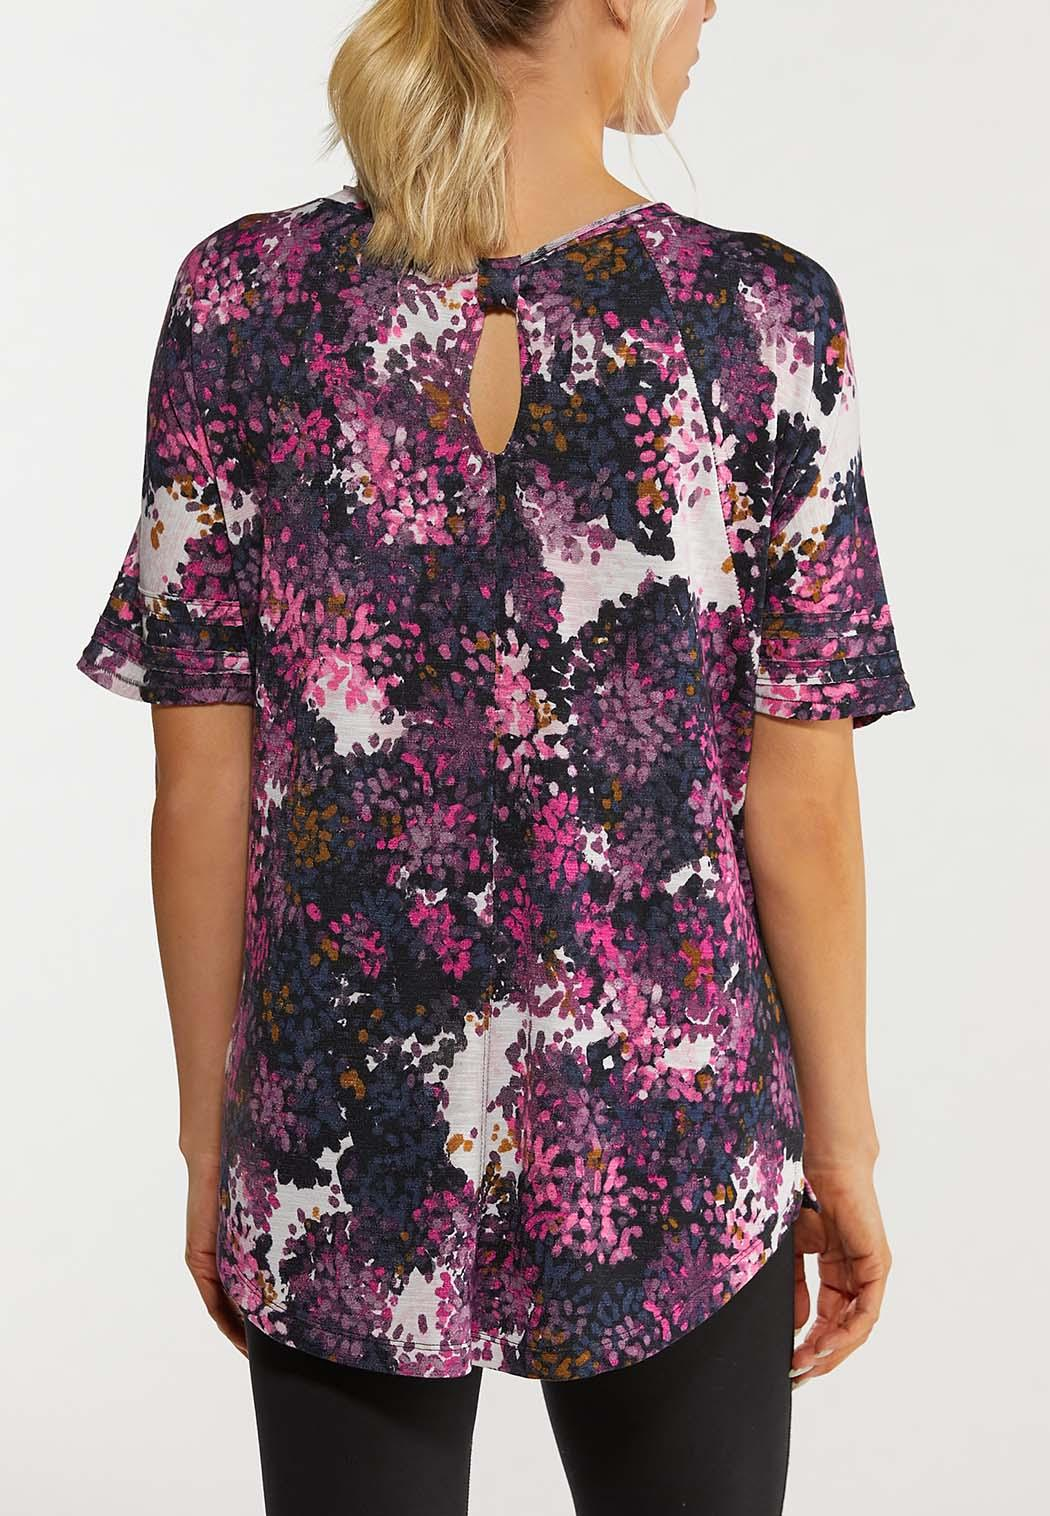 Grape Floral Active Top (Item #44475589)